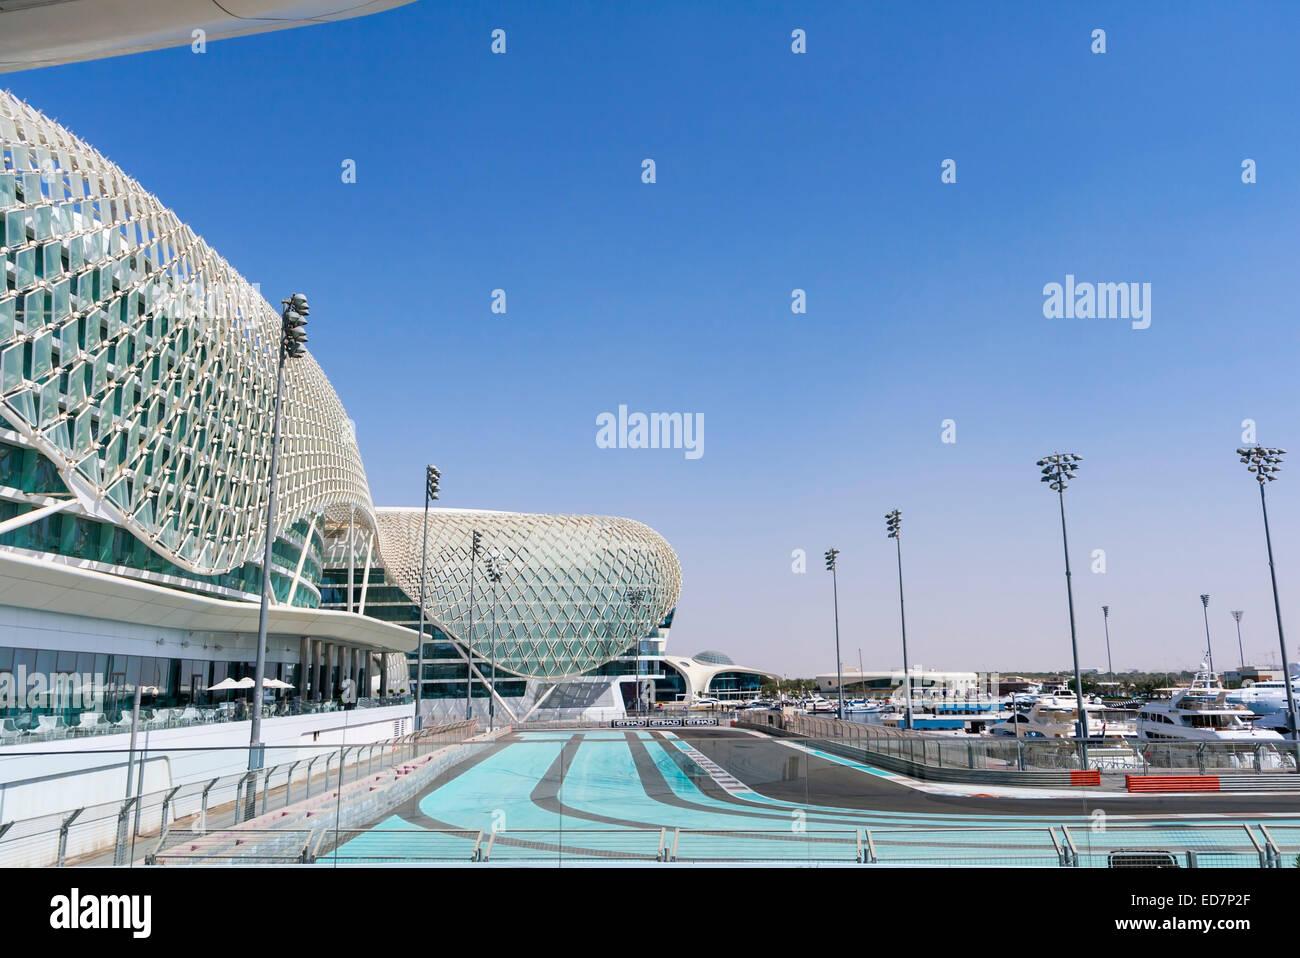 Abu Dhabi, Vereinigte Arabische Emirate. Der FI-Yas Marina Circuit. Stockbild